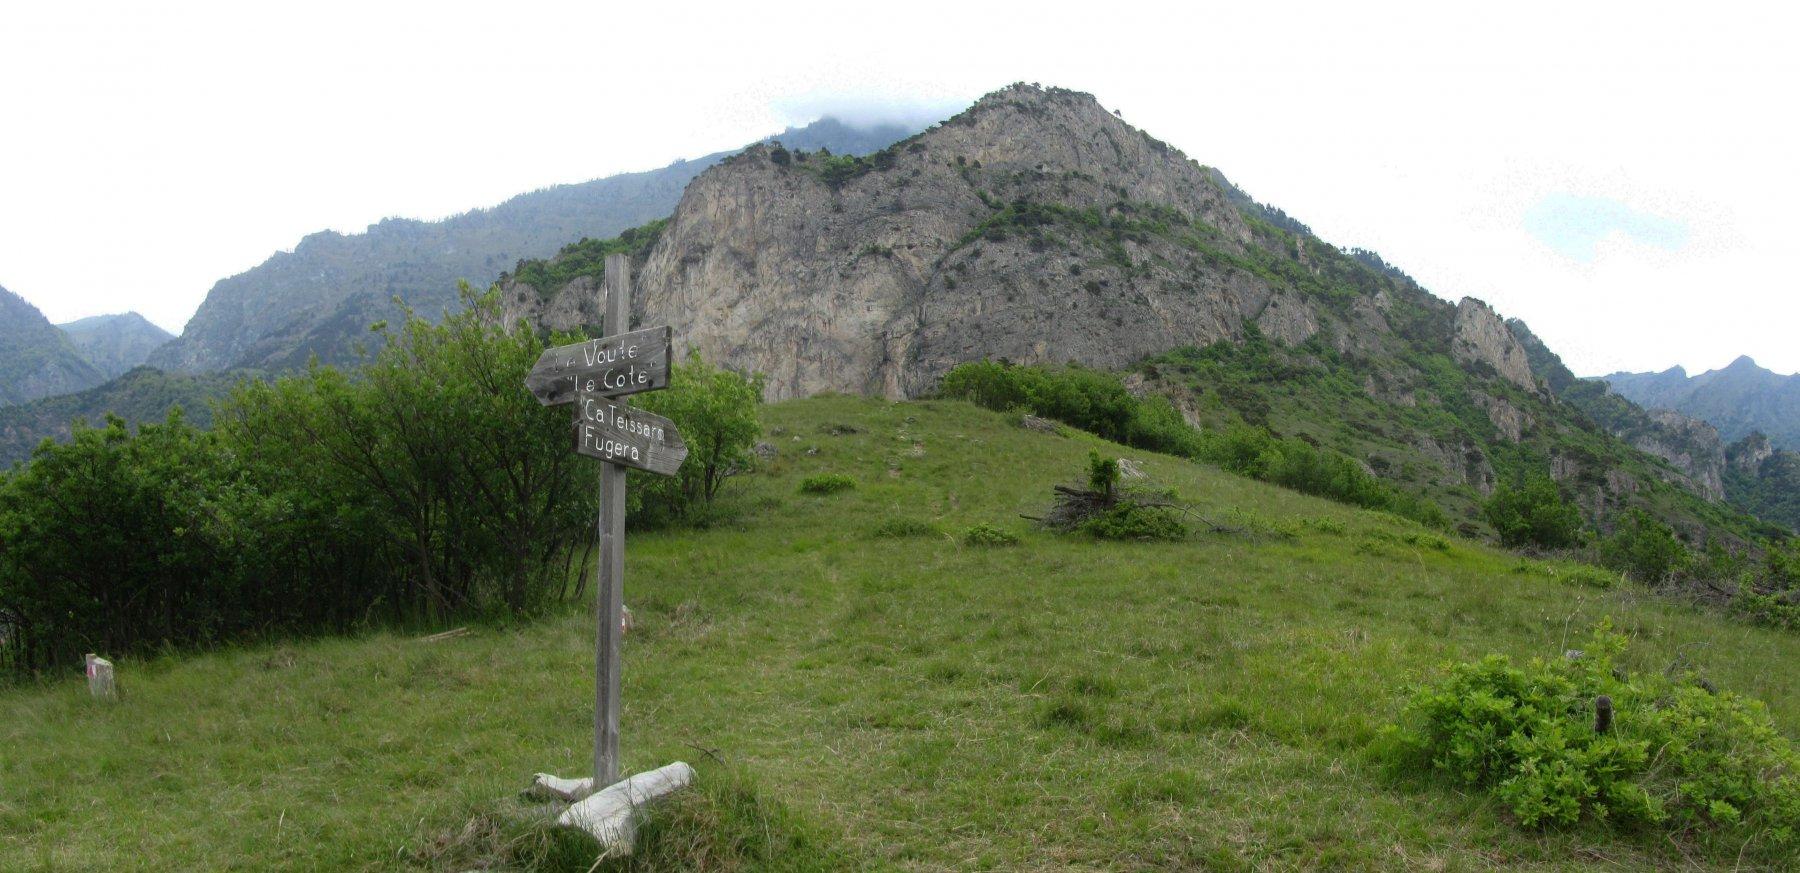 Ciarmetta (Monte) da Foresto per il Truc San Martino e Fugera 2016-05-22